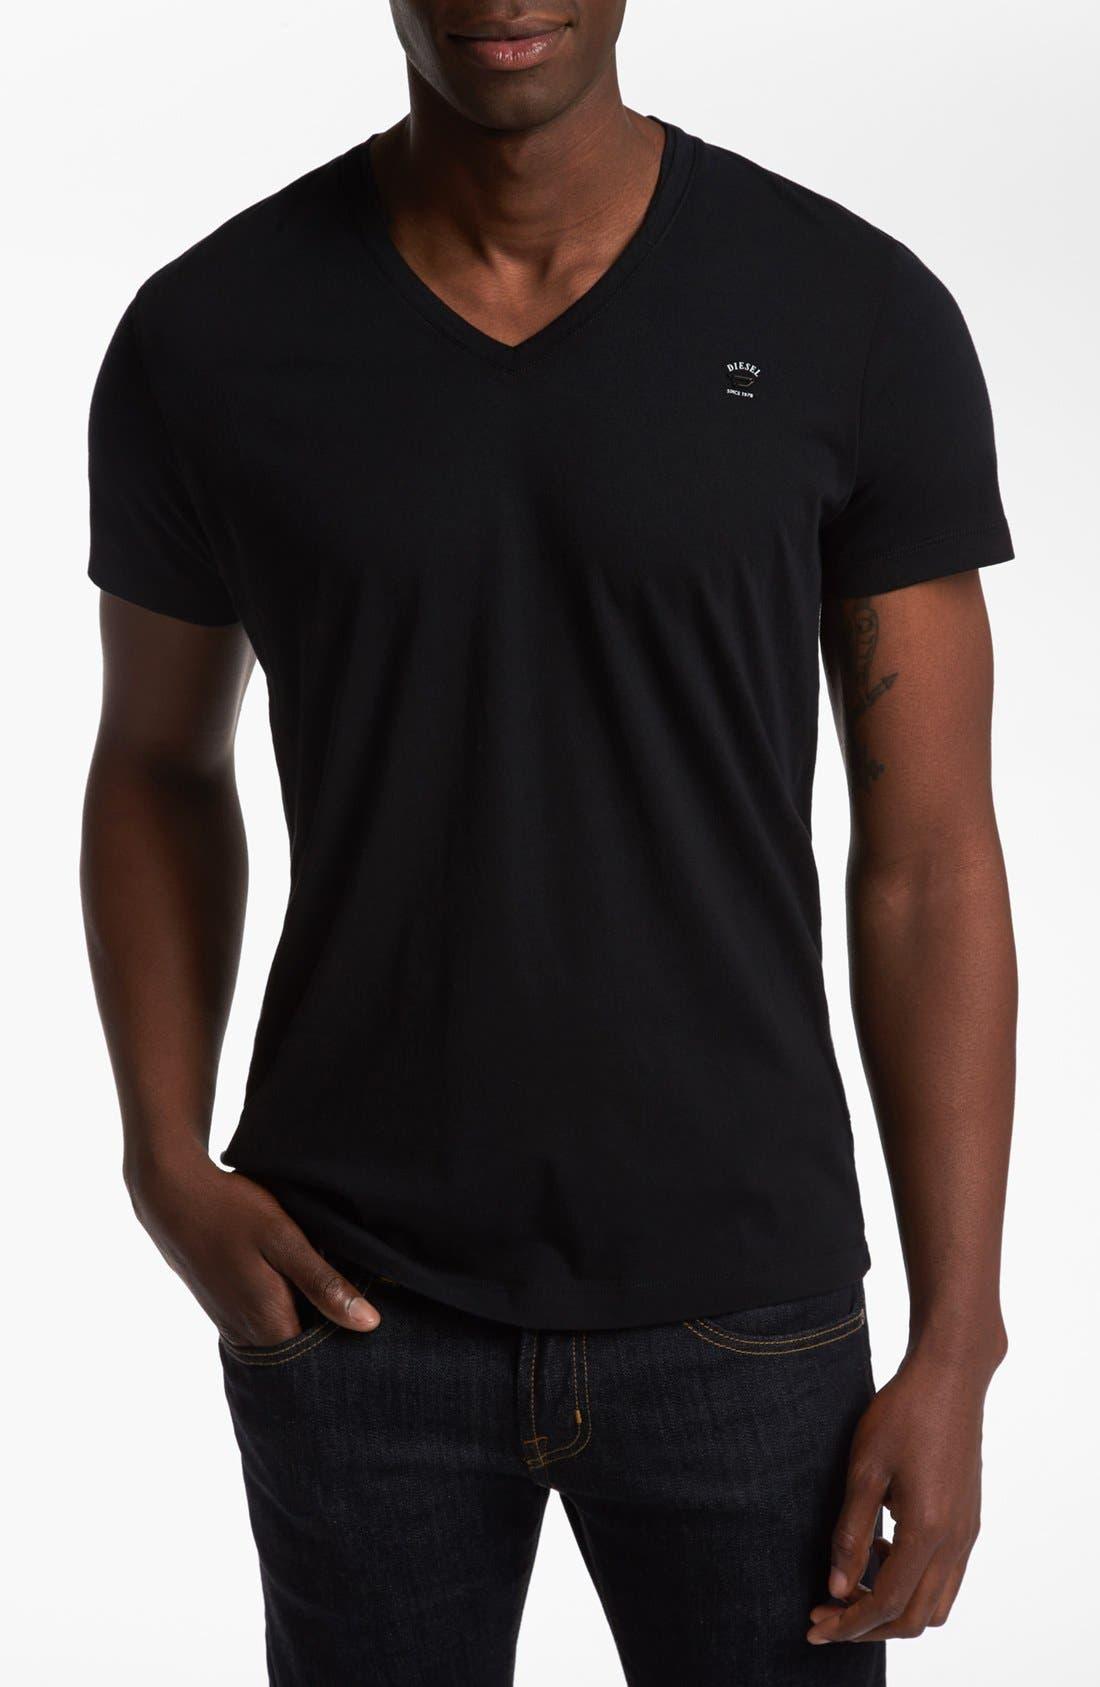 Alternate Image 1 Selected - DIESEL® 'T-Brisk-RS' V-Neck T-Shirt